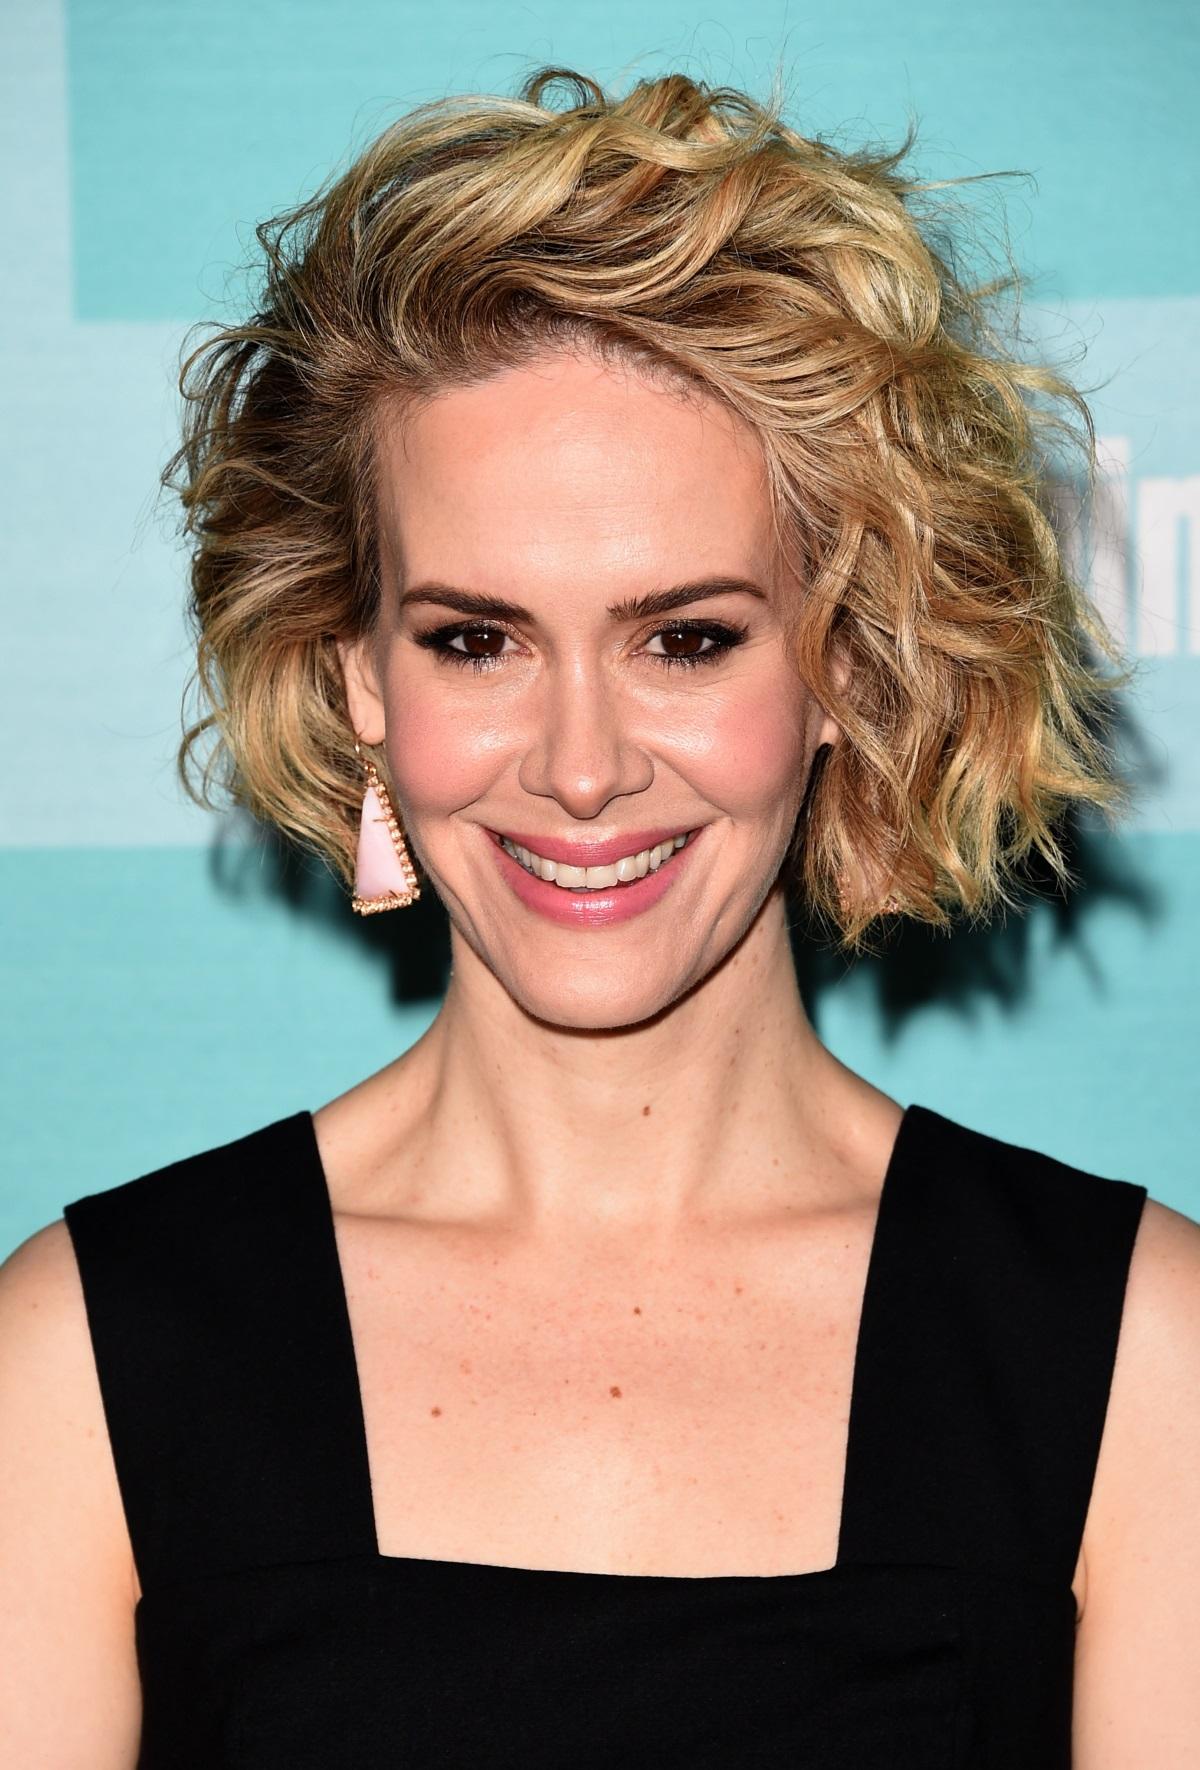 Сара Полсън с къса коса на вълни. Те винаги са подходящи ако искате да имате по-младежки вид, но внимавайте с избора на вълни - при по-късите коси те трябва да са съвсем леки и небрежни, за да не повдигне косата прекалео нагоре.